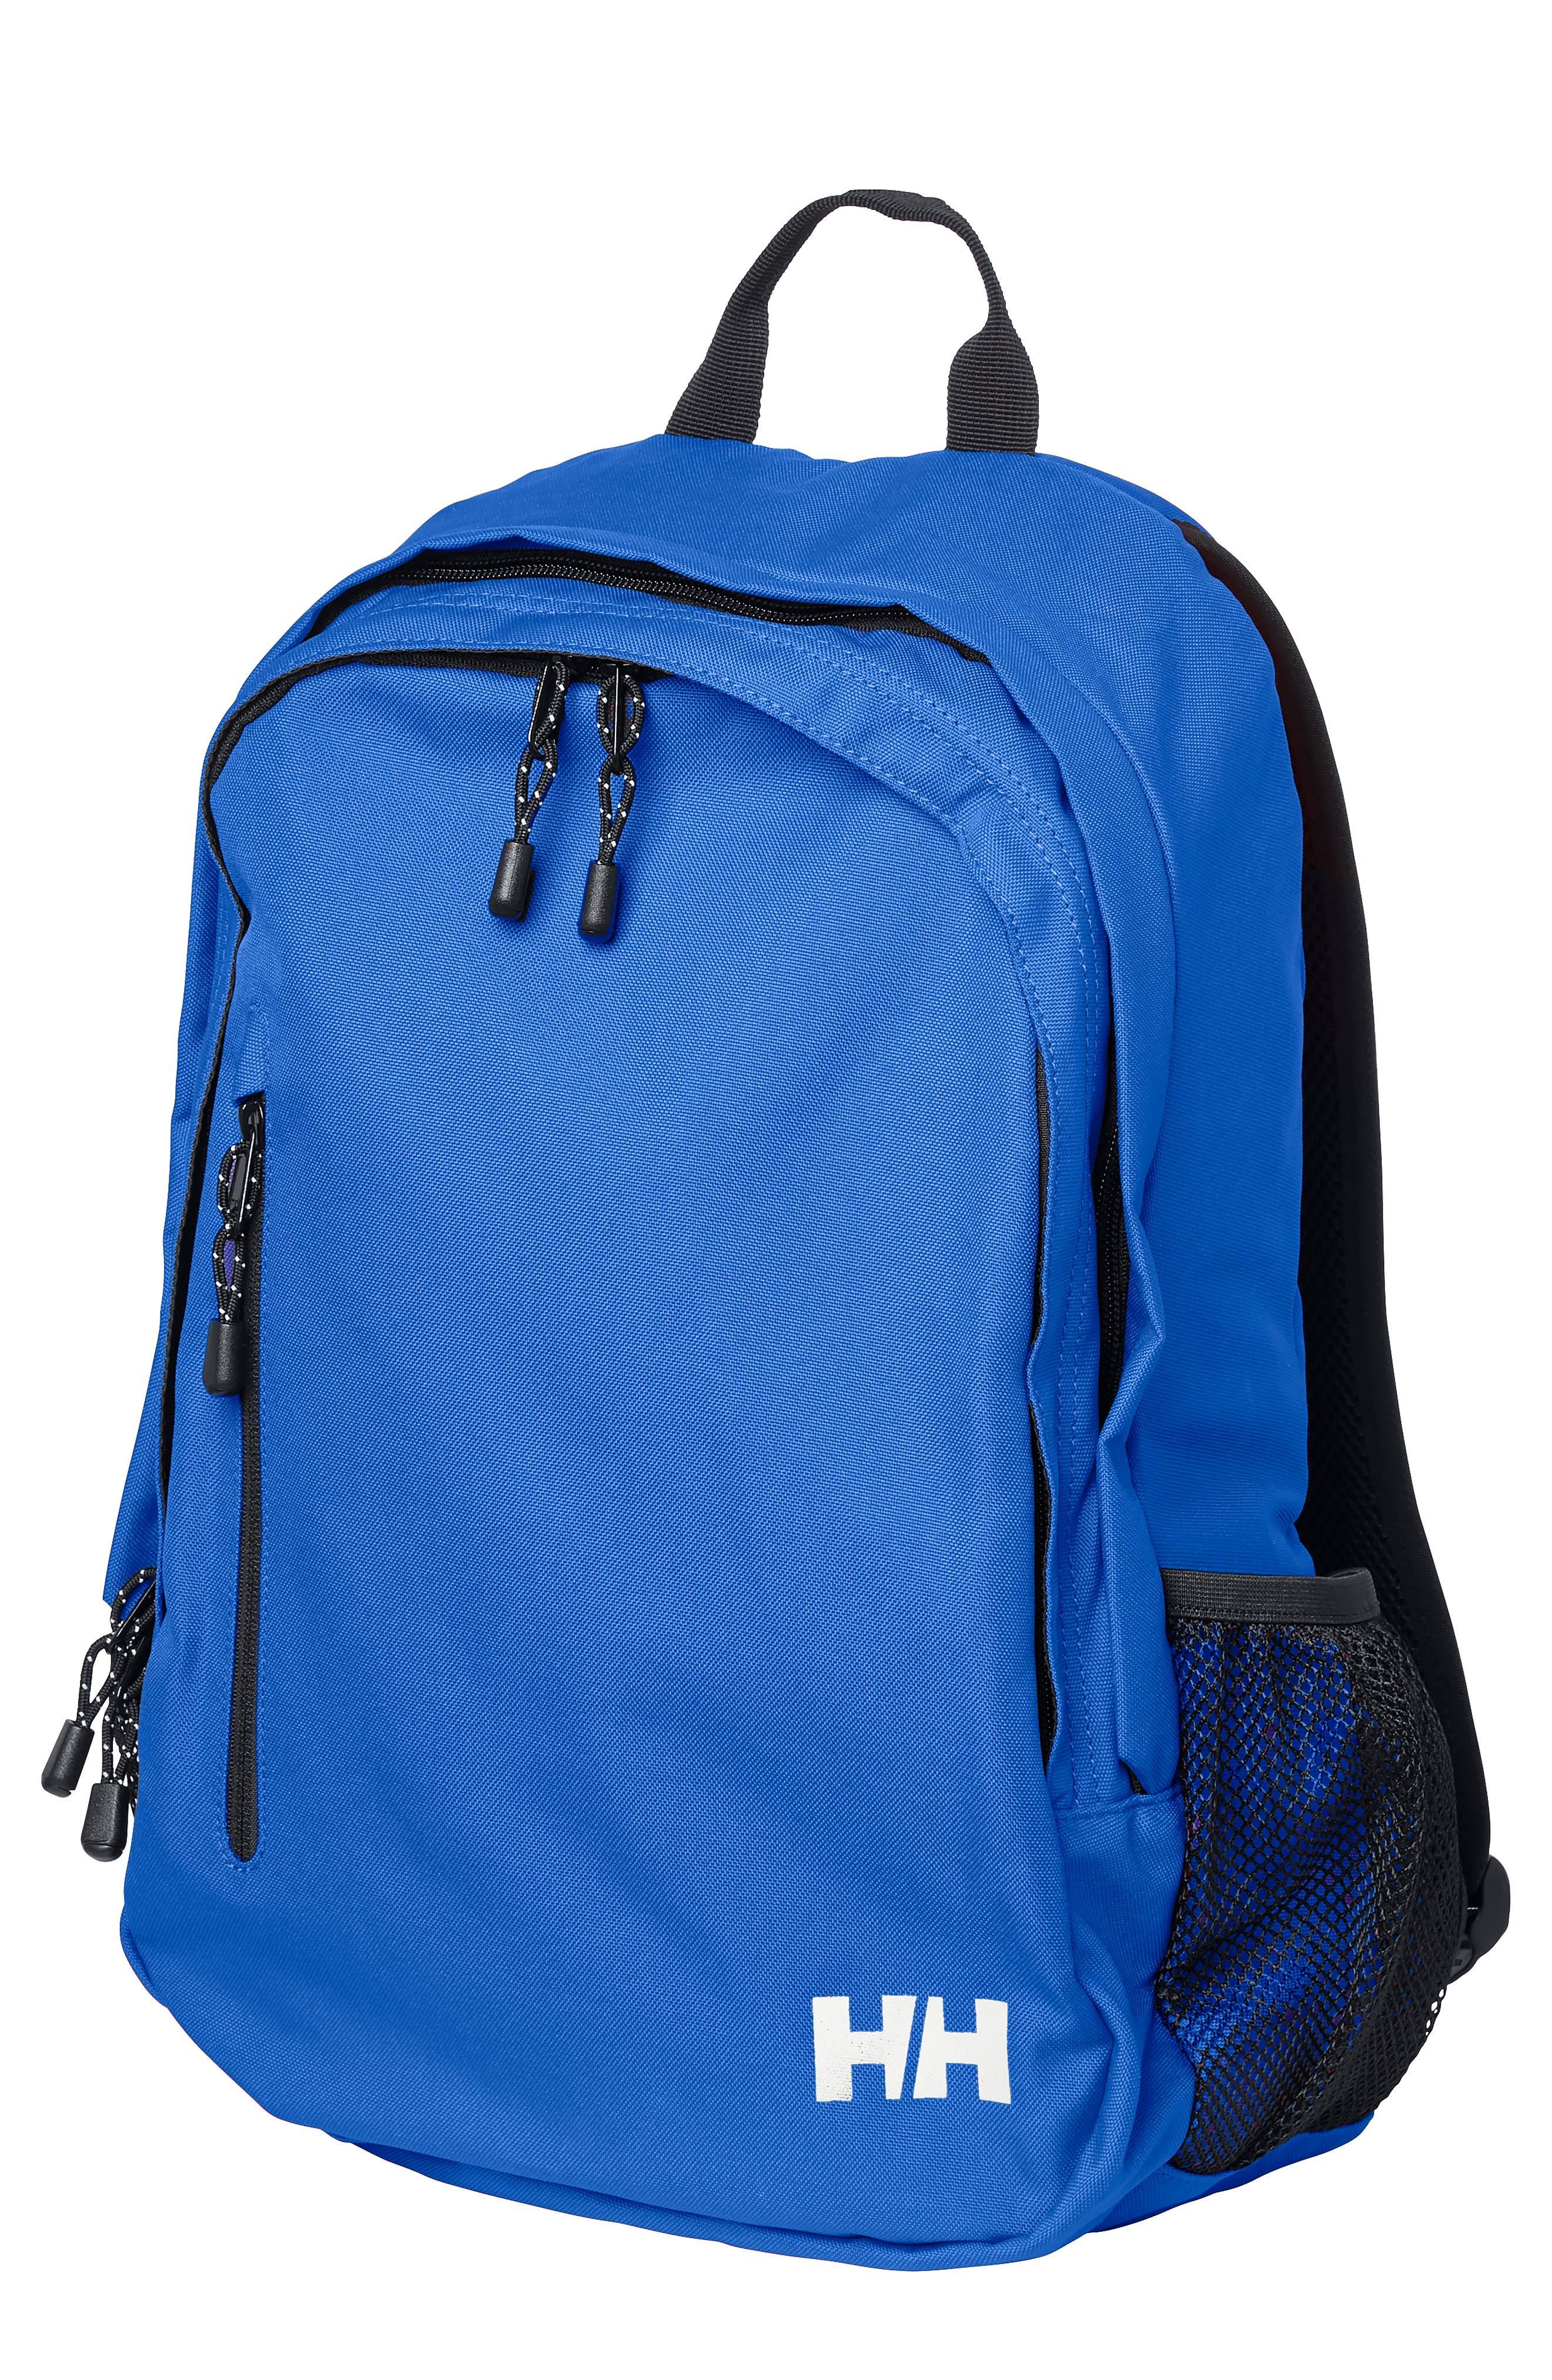 HELLY HANSEN Dublin Backpack - Blue in Olympian Blue